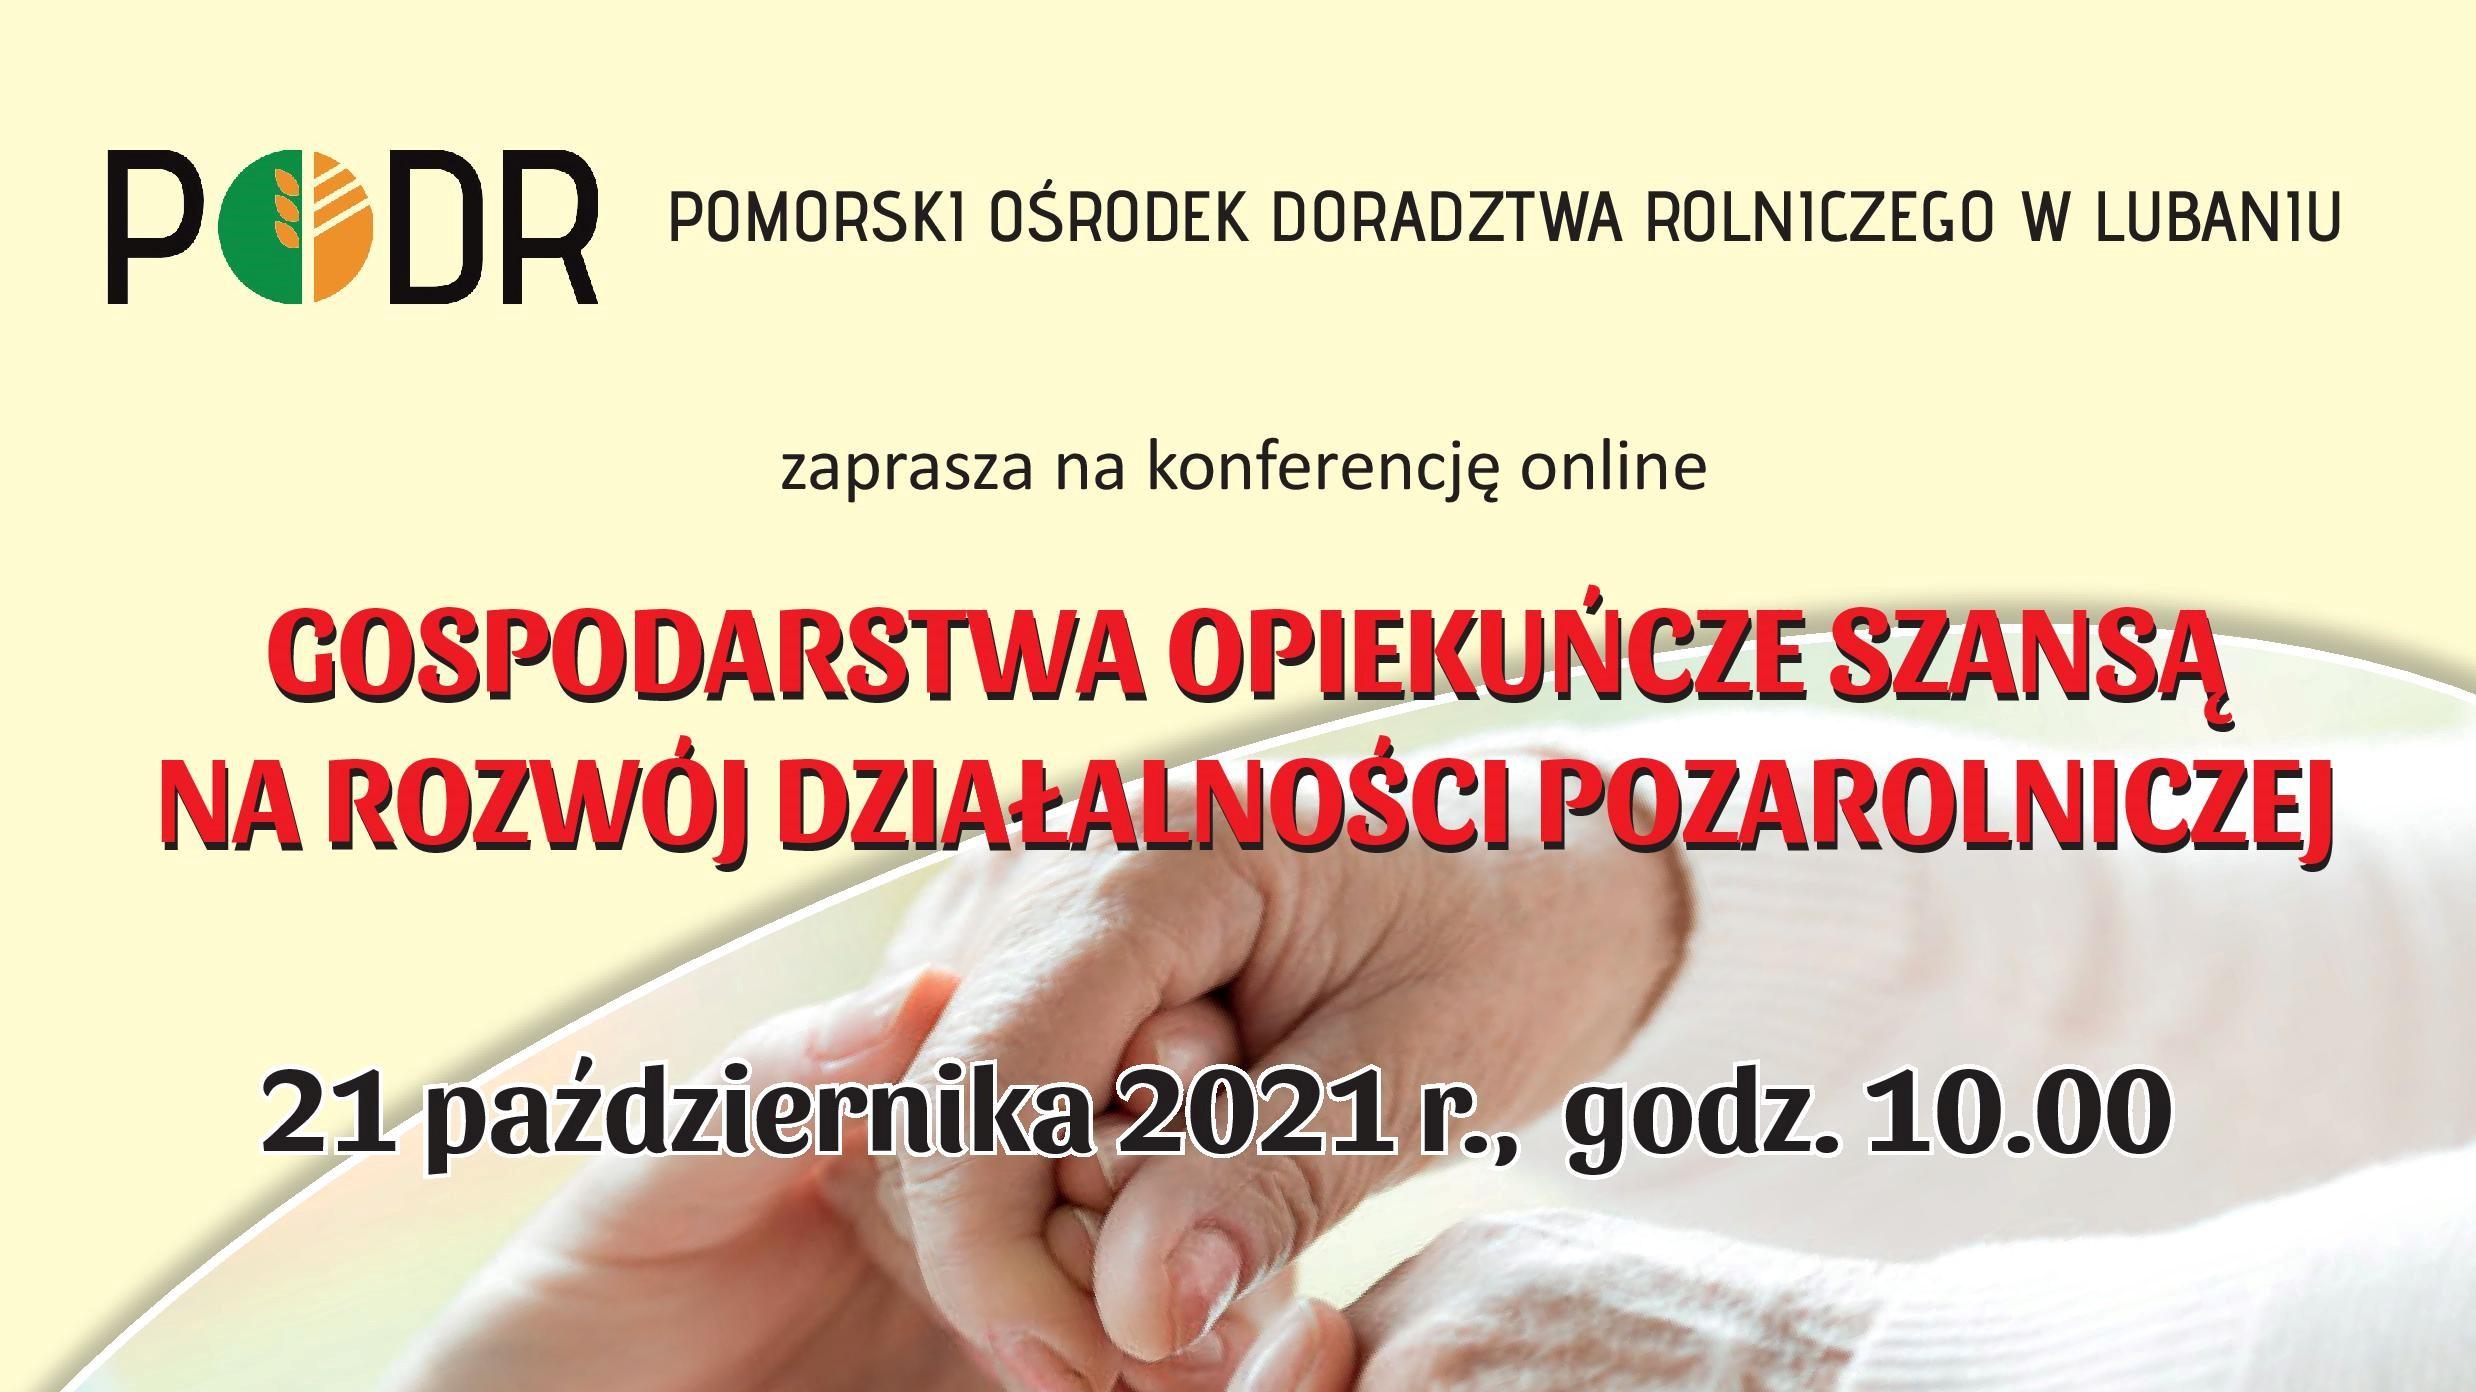 Gospodarstwa opiekuńcze szansą na rozwój działalności pozarolniczej - miniatura